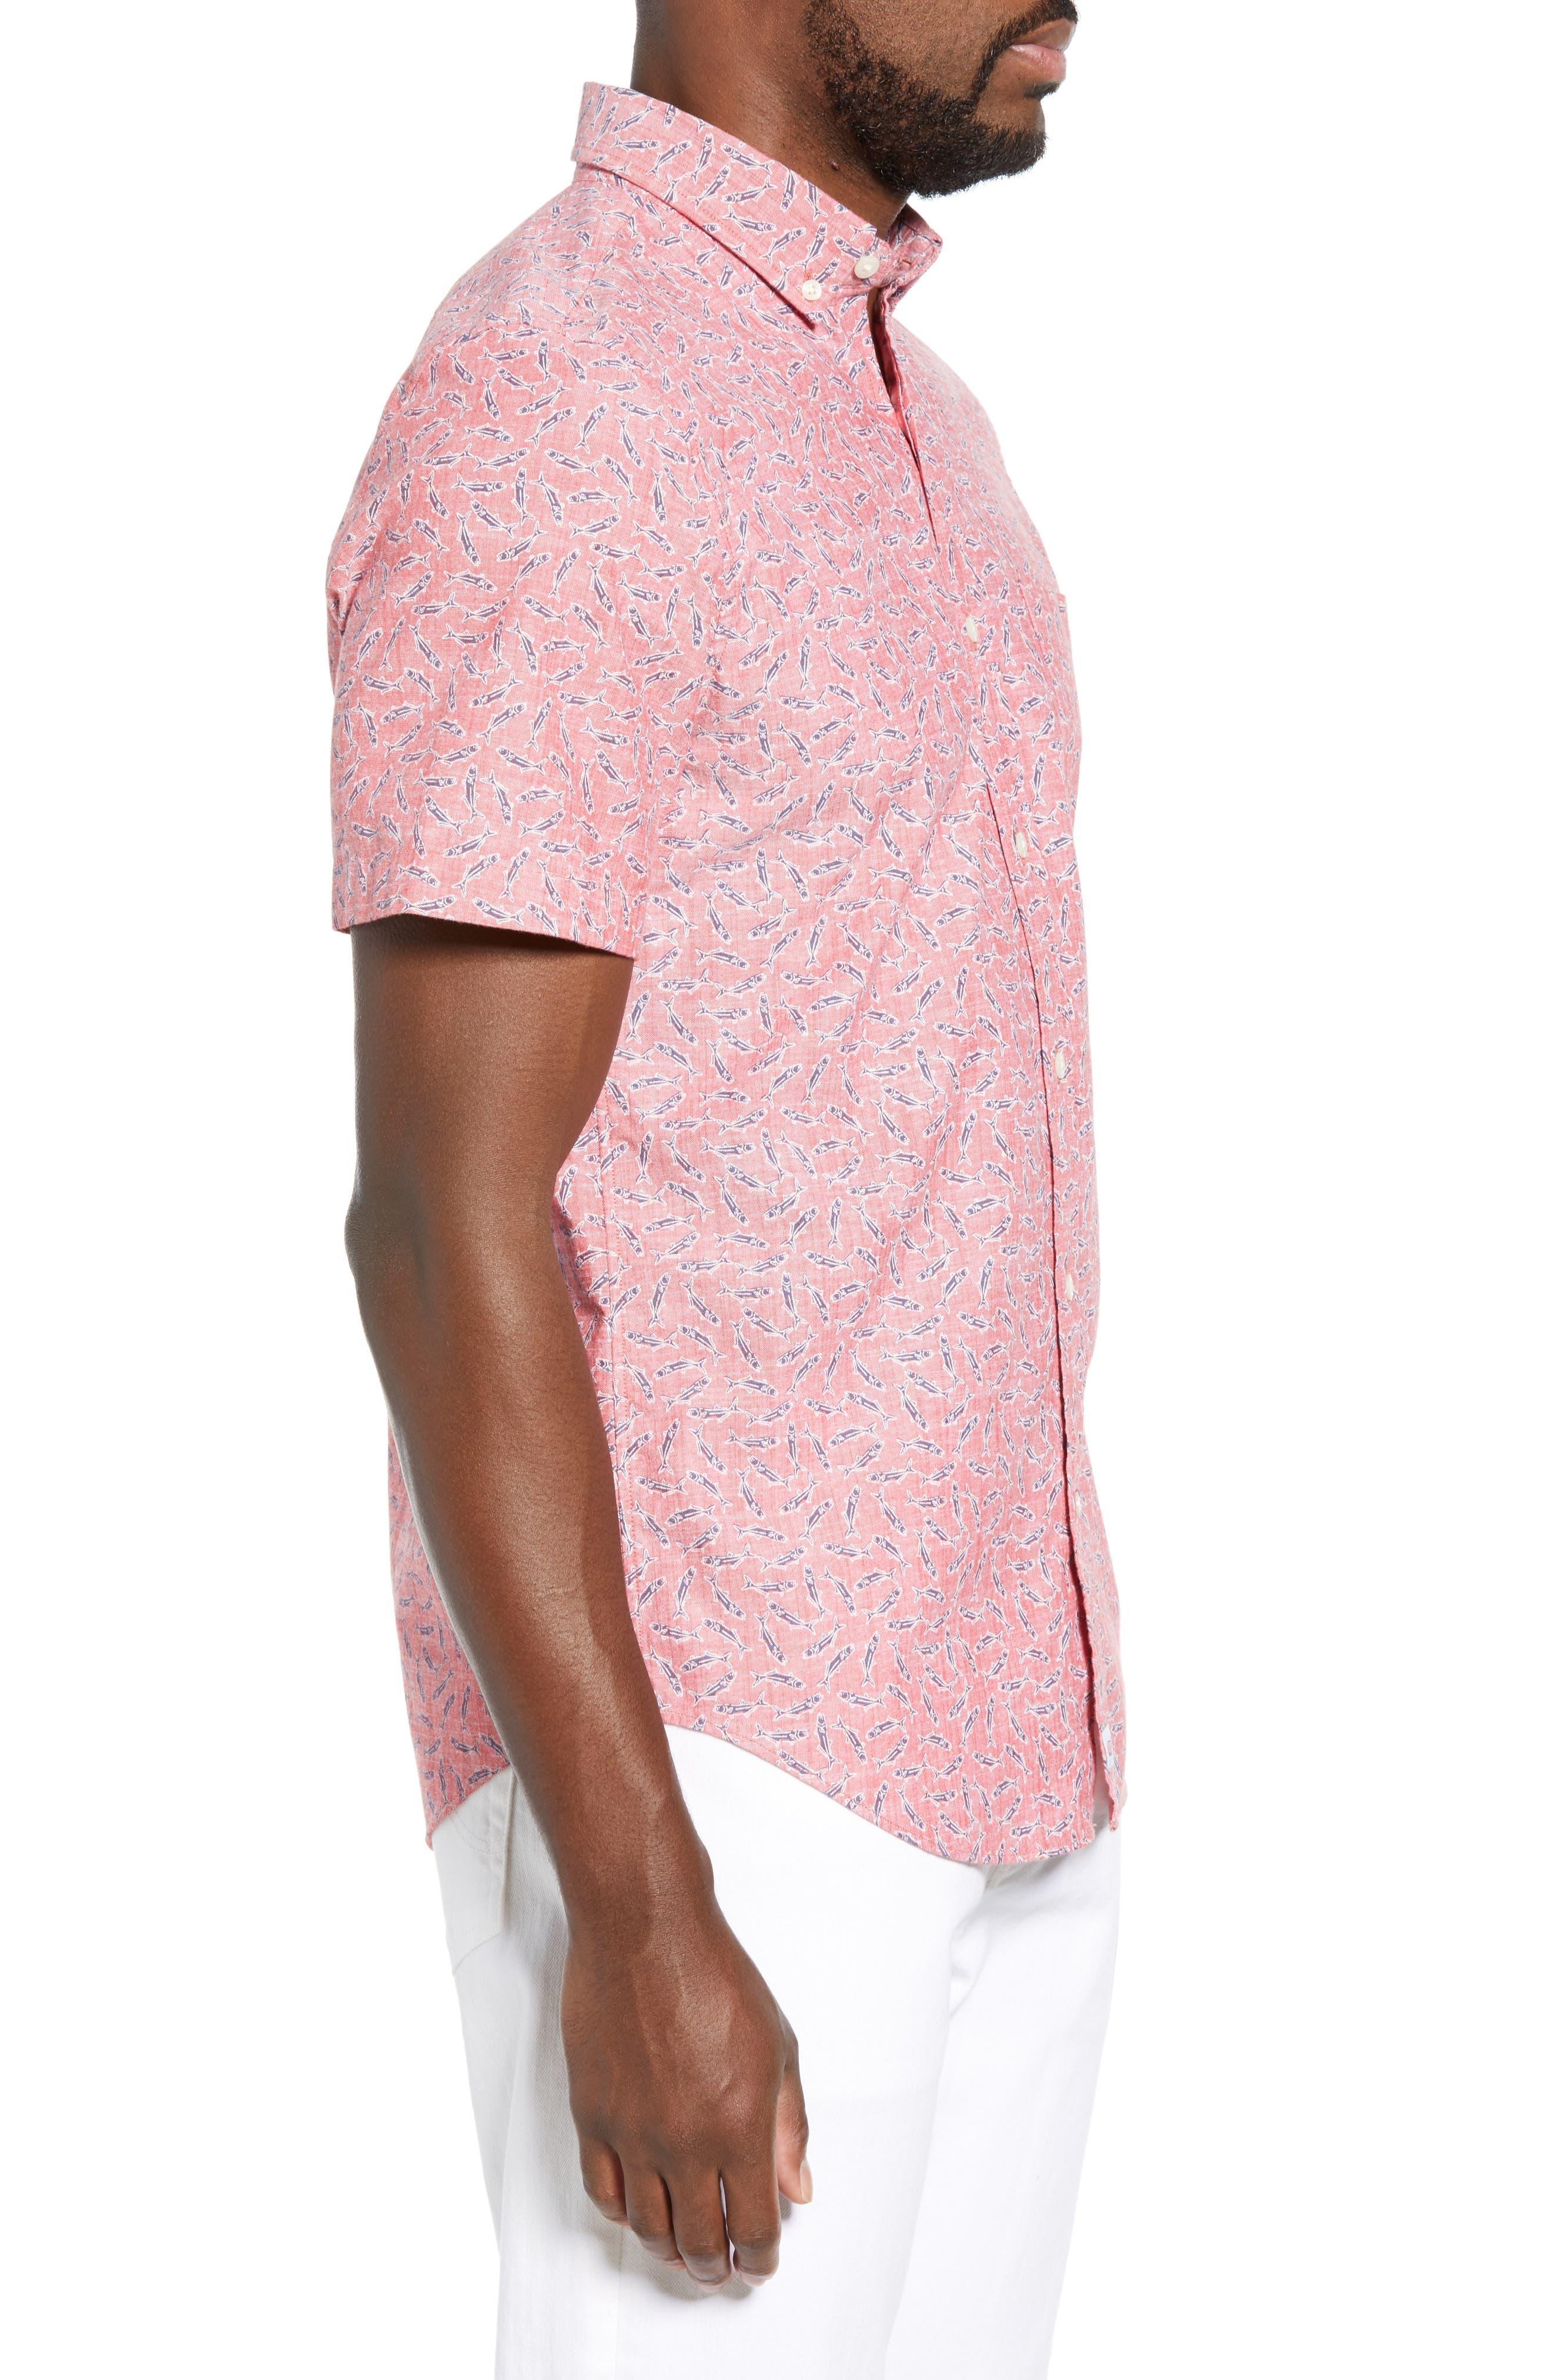 VINEYARD VINES,                             Murray Slim Fit Sport Shirt,                             Alternate thumbnail 4, color,                             LOBSTER REEF